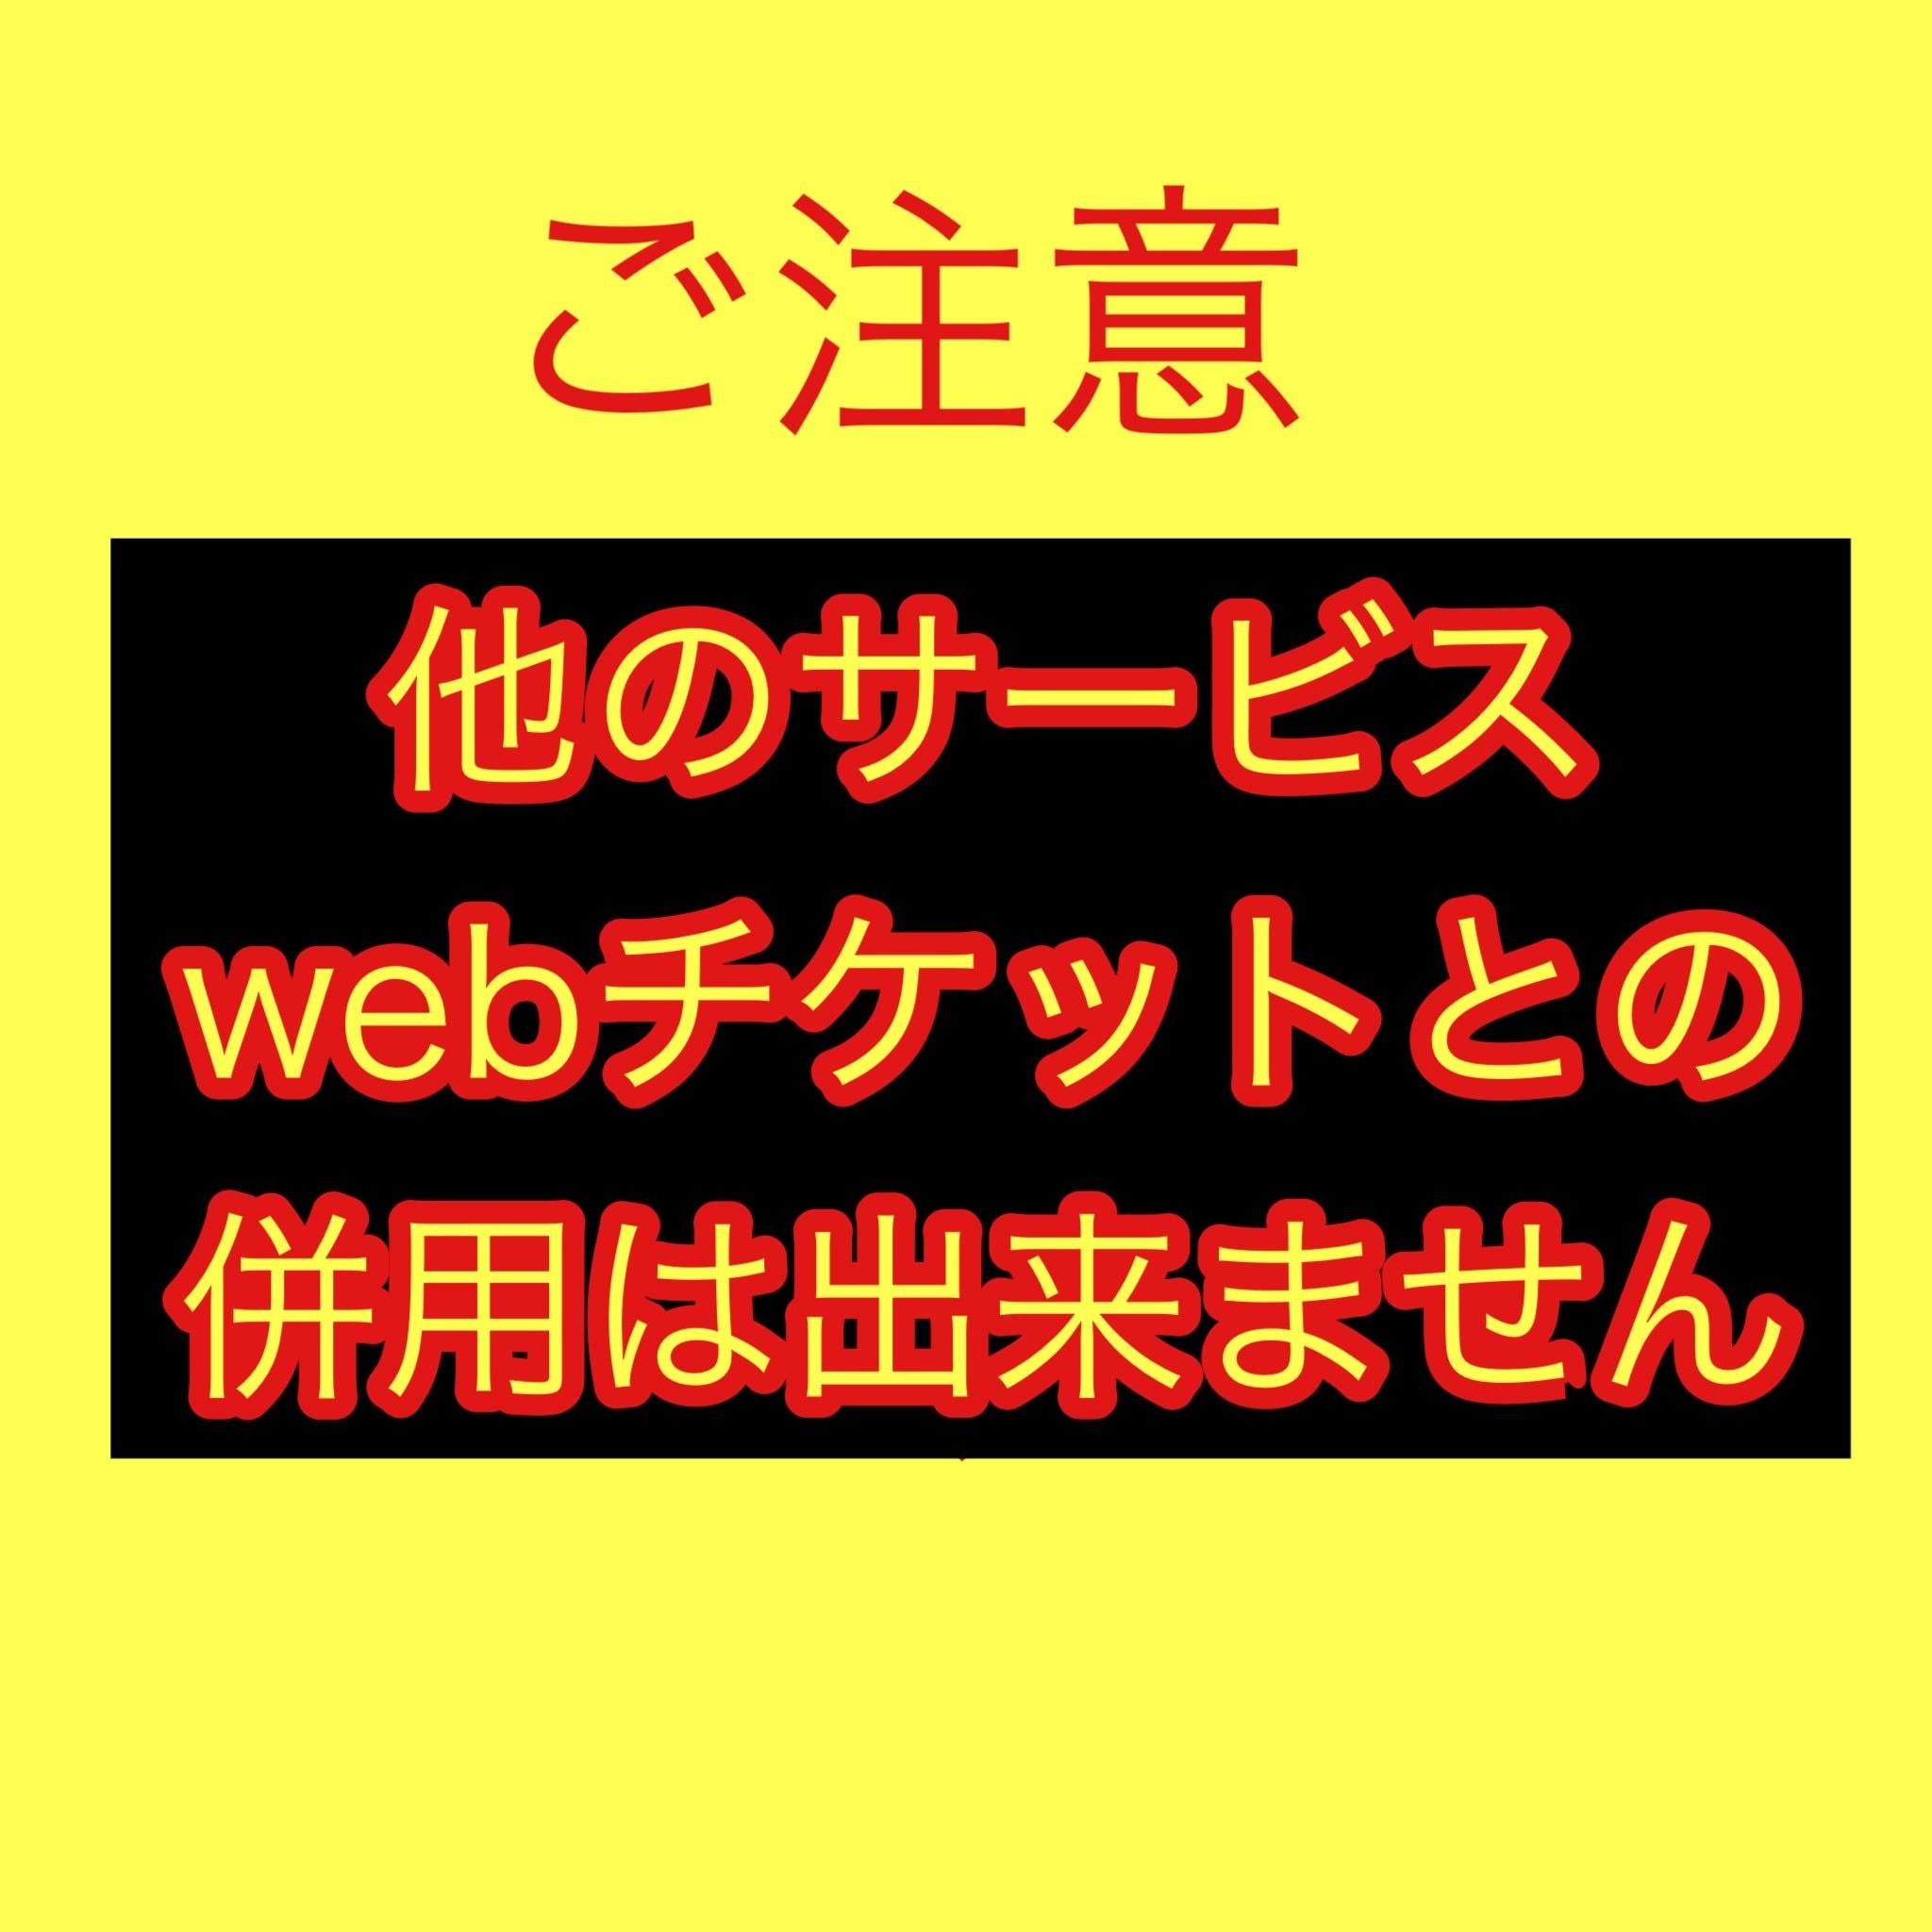 テイクアウト【現地払い】2000円専用webチケットのイメージその2